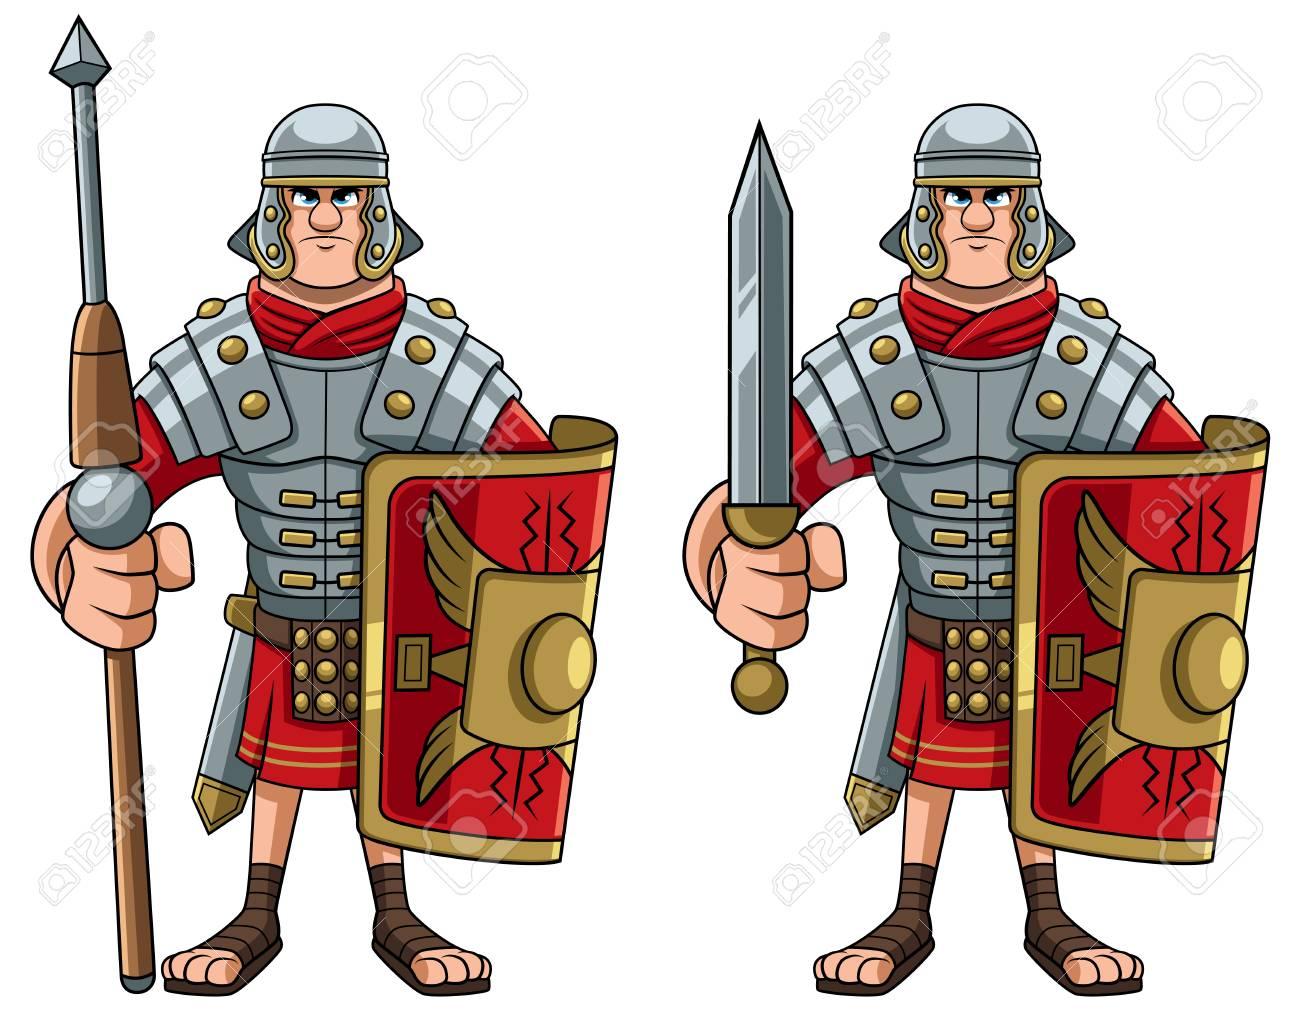 Illustration of Roman soldier in full battle gear. - 124710625